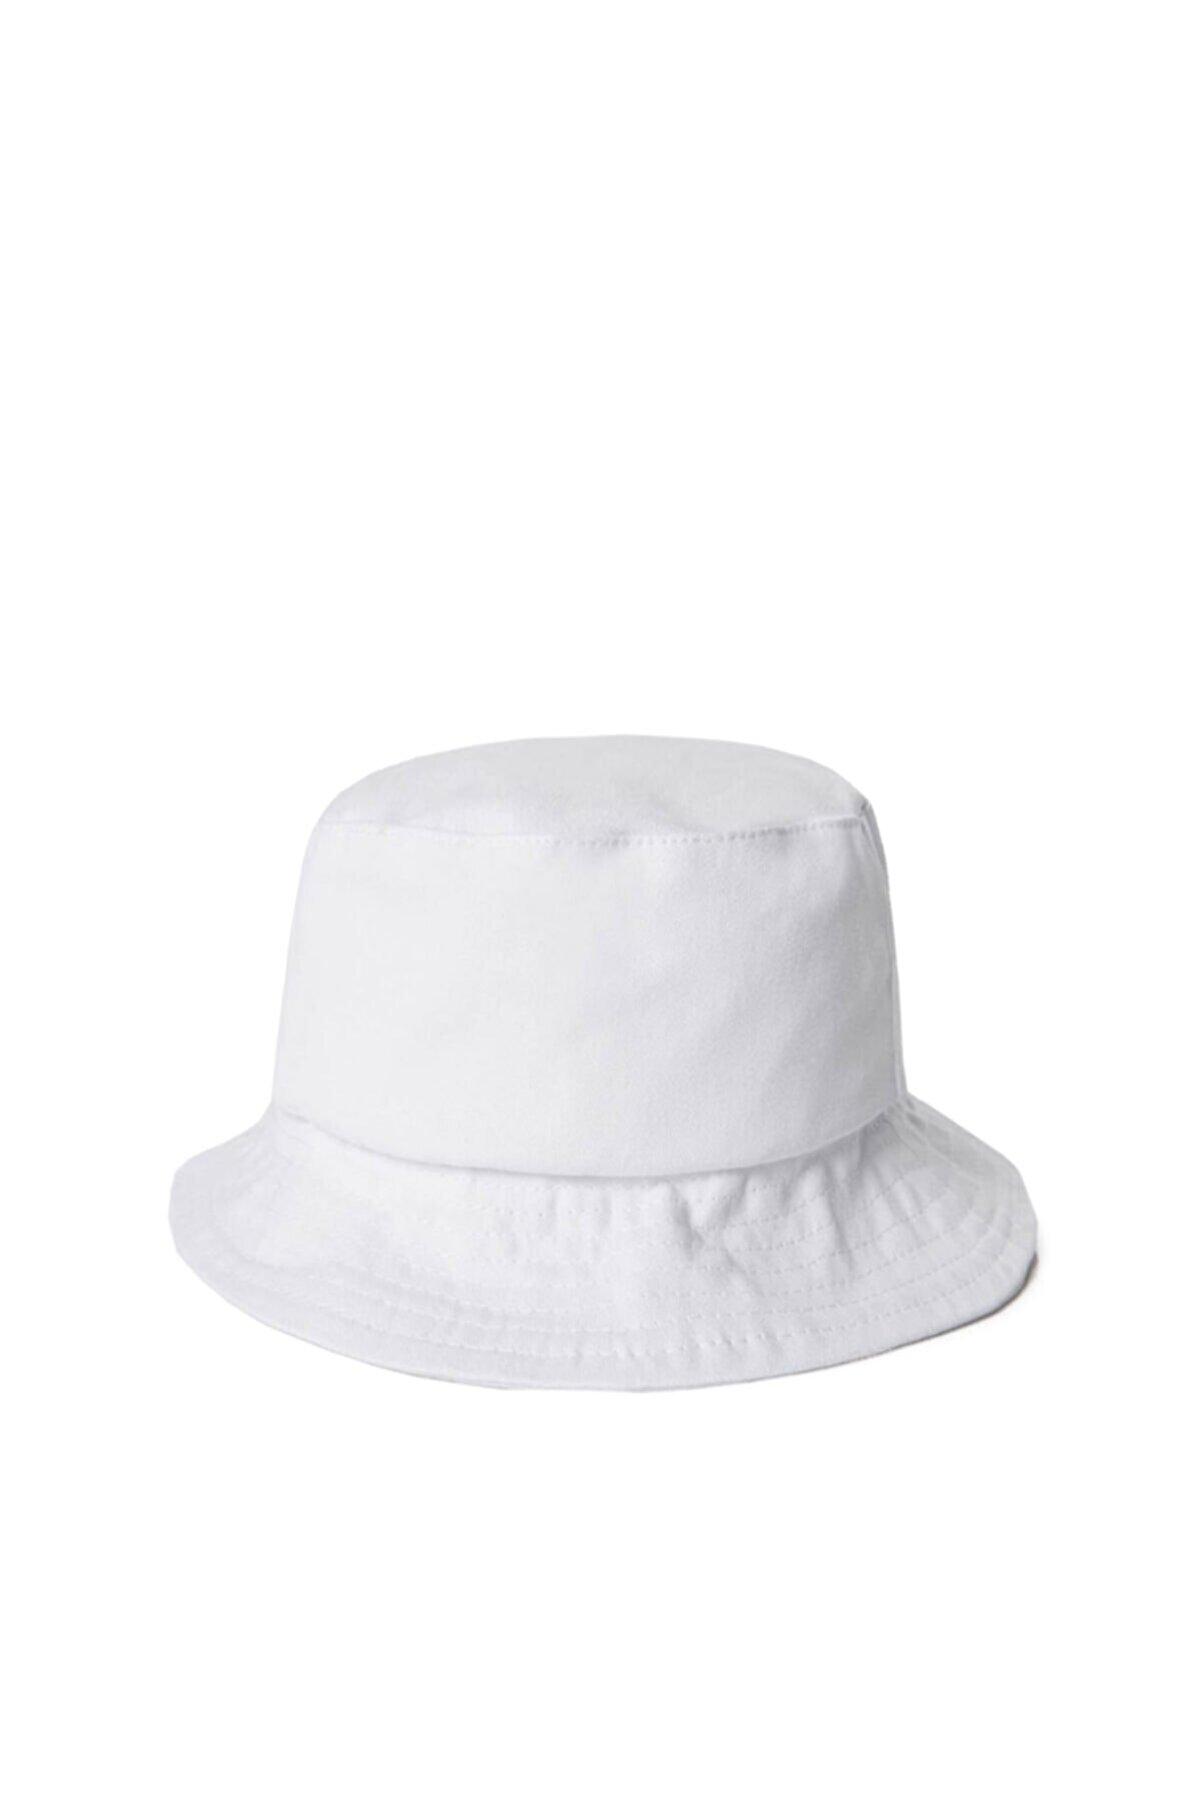 Güce Unisex Beyaz Balıkçı Bucket Şapka Gc013901